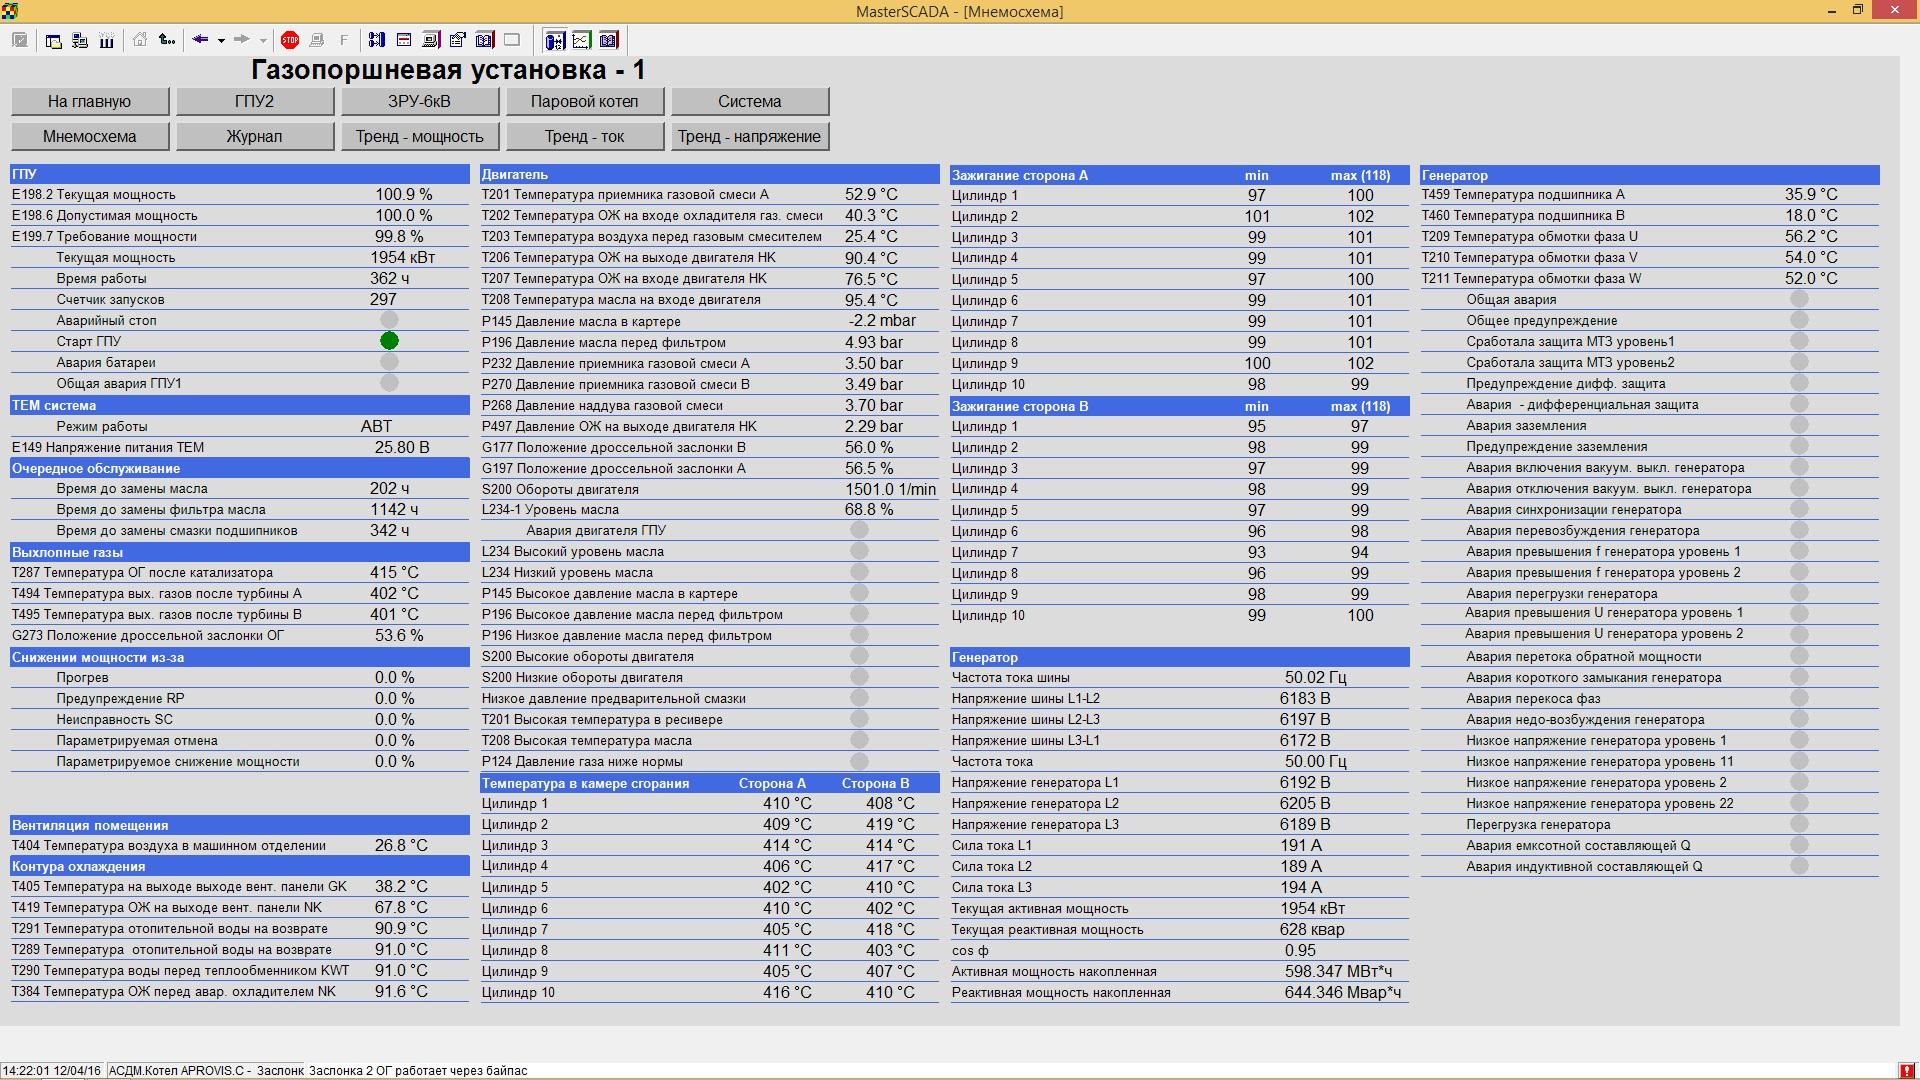 АСДМ газопоршневой теплоэлектростанции - SCADA MasterSCADA - ГПУ1 параметры